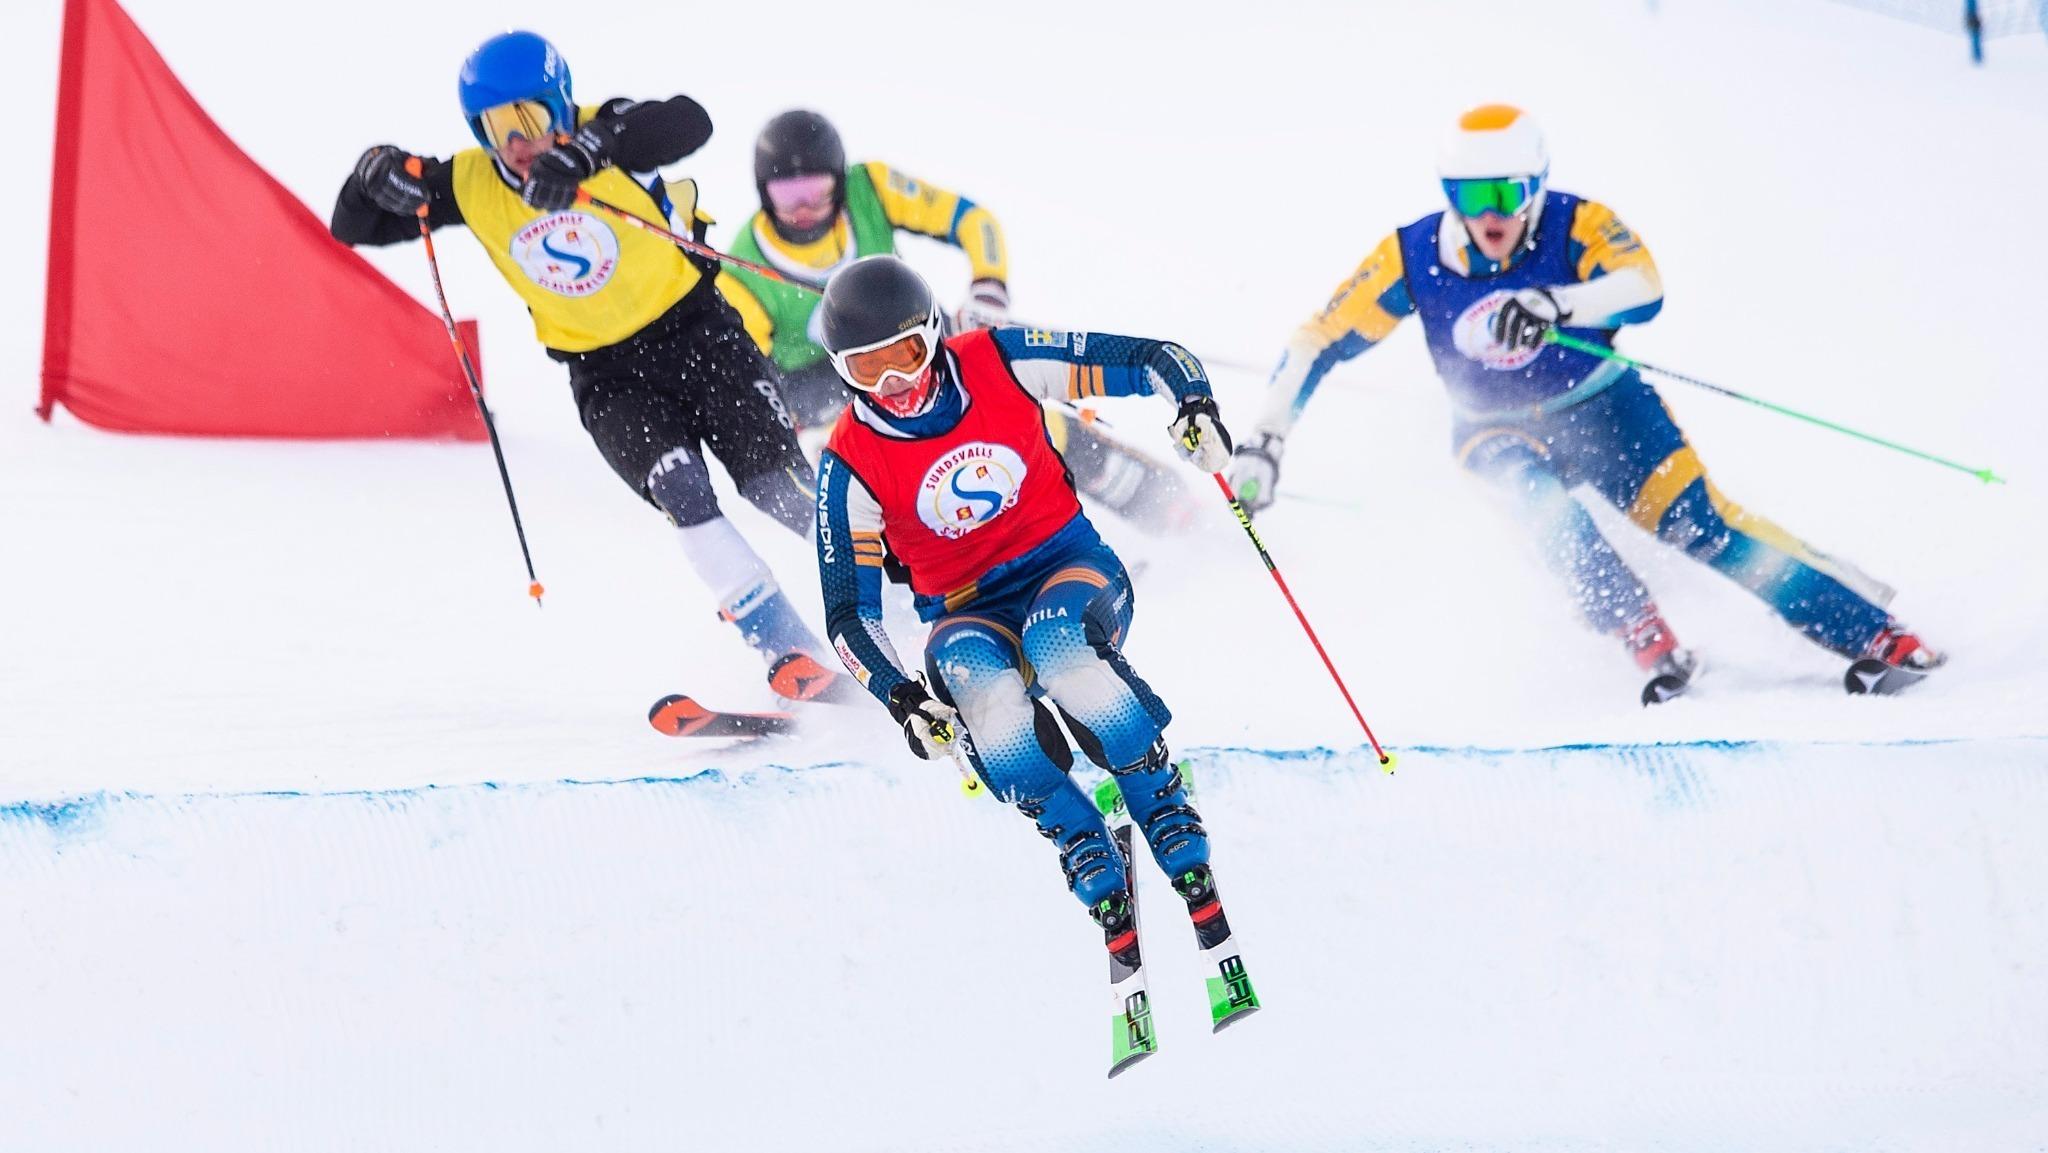 Bild på män som åker skicross.